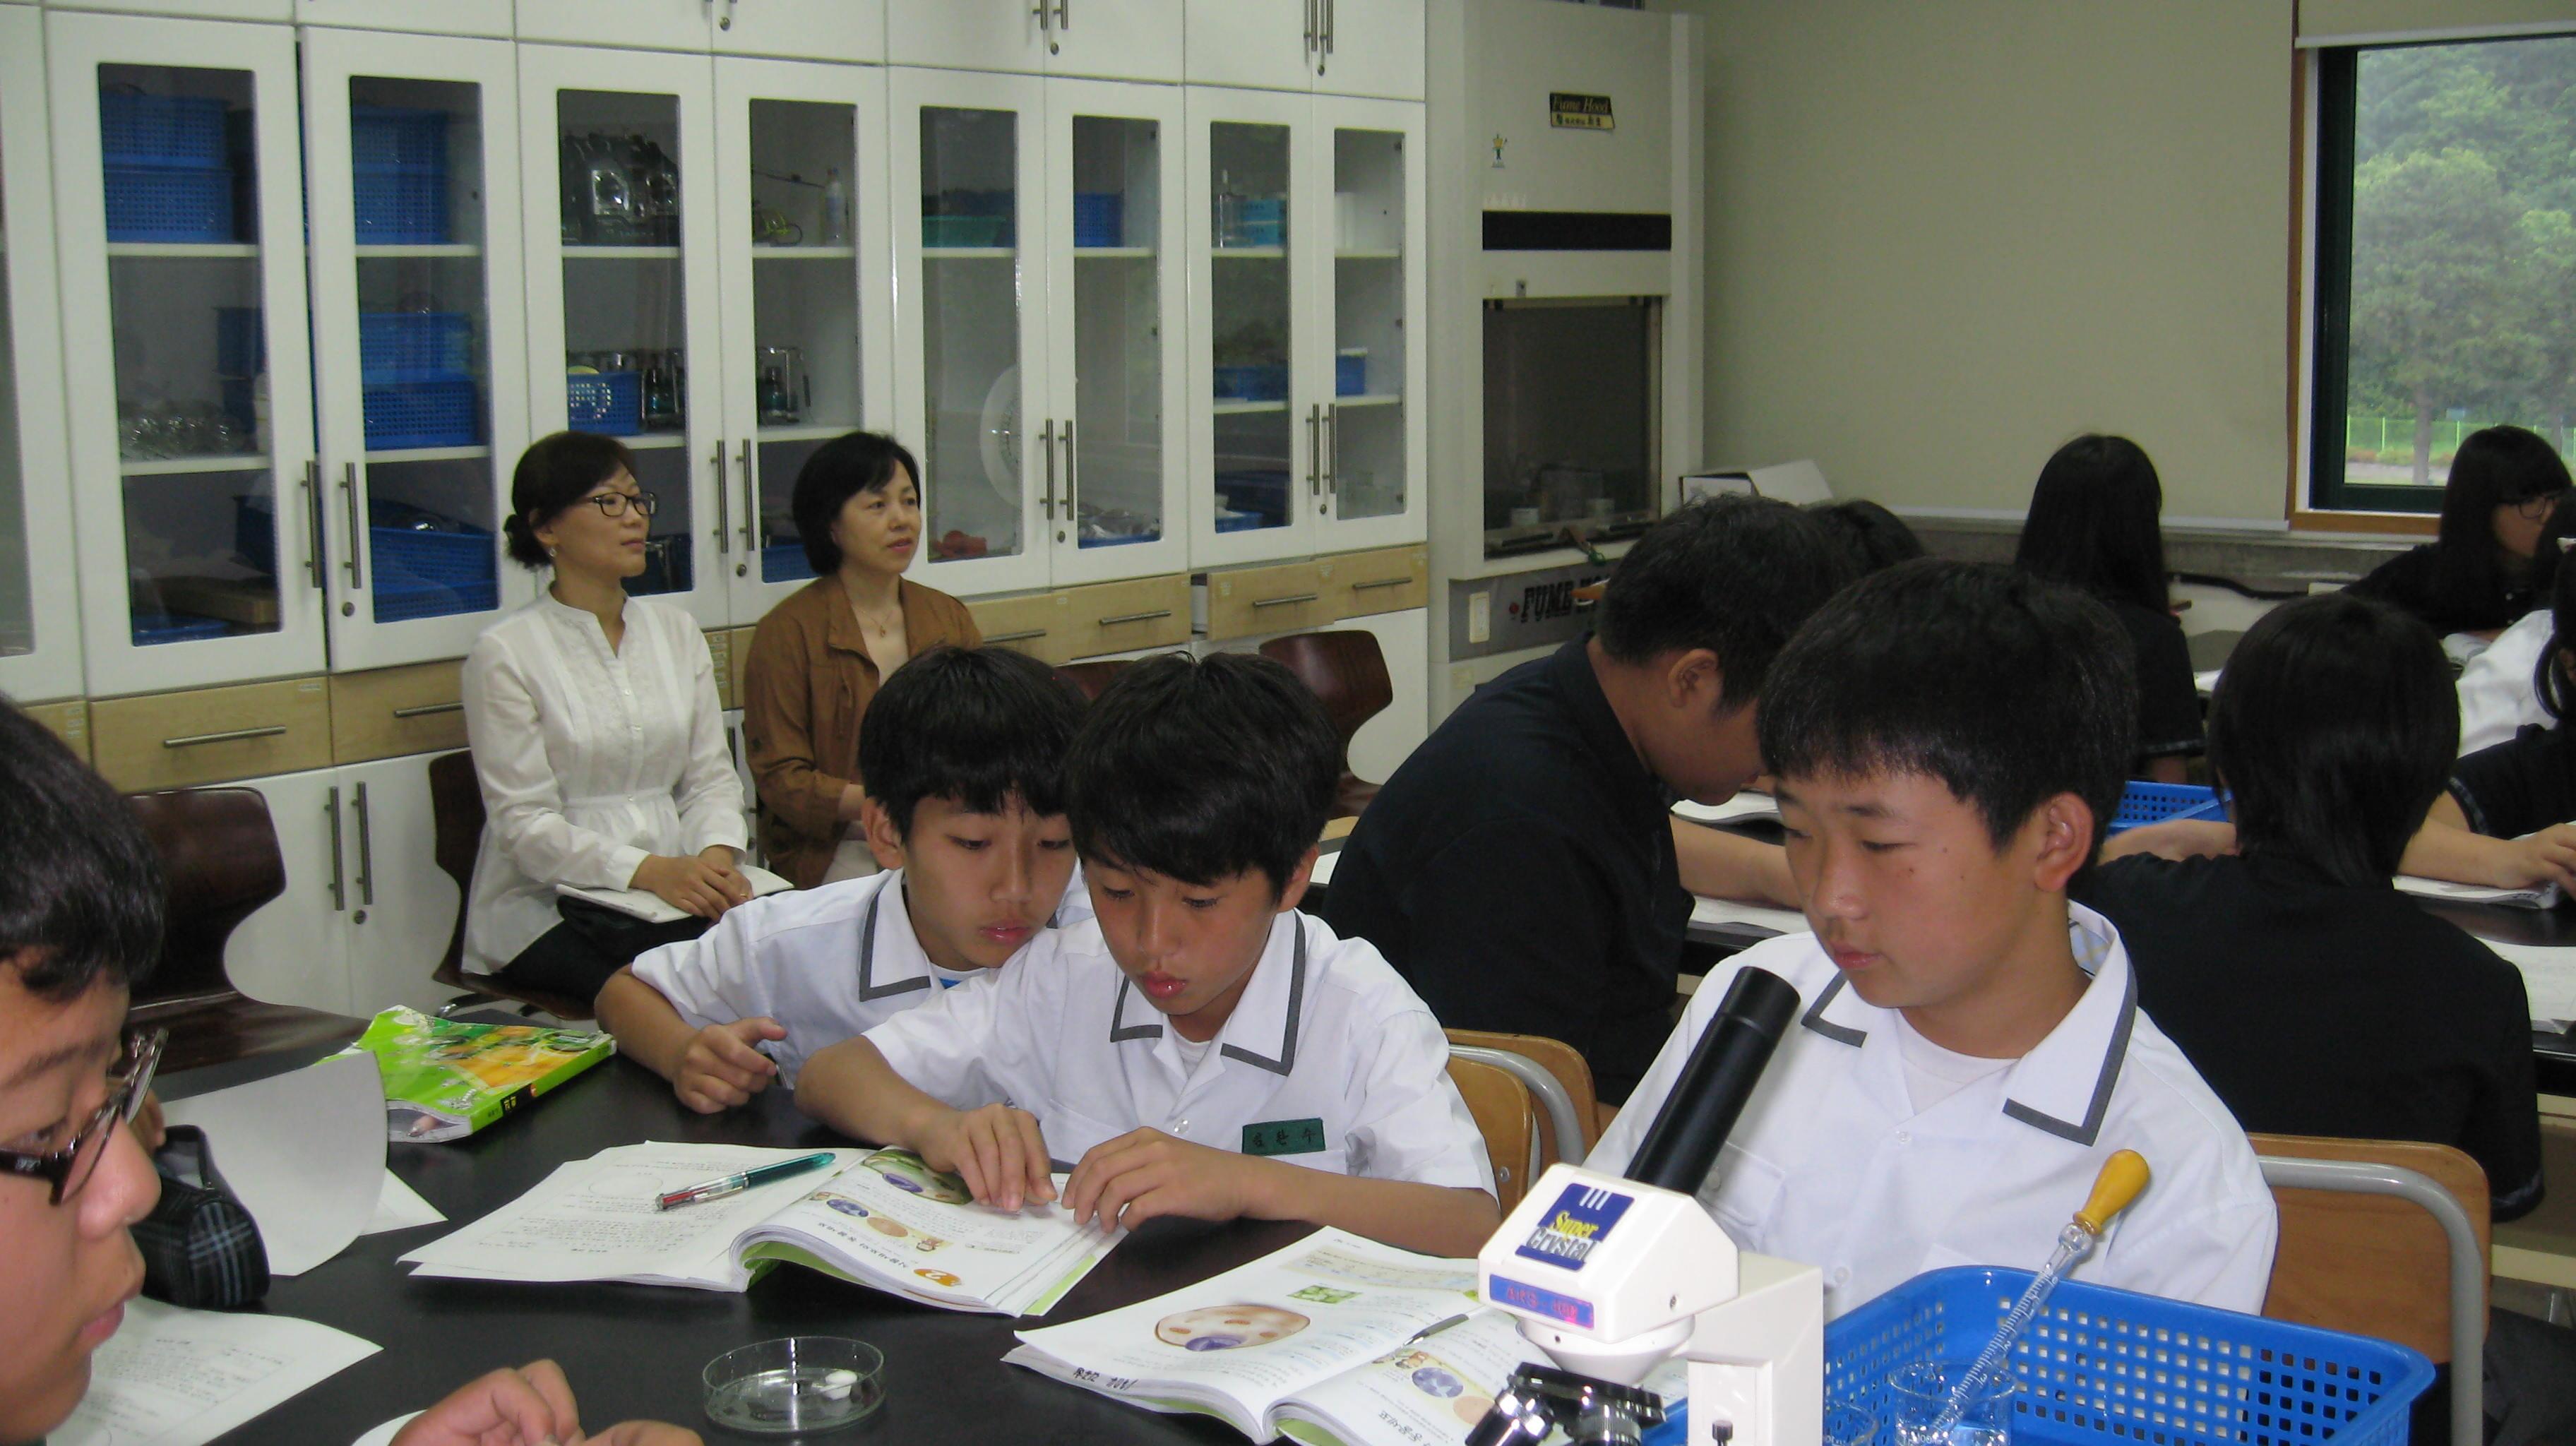 [일반] 학부모 공개 수업의 날의 첨부이미지 5